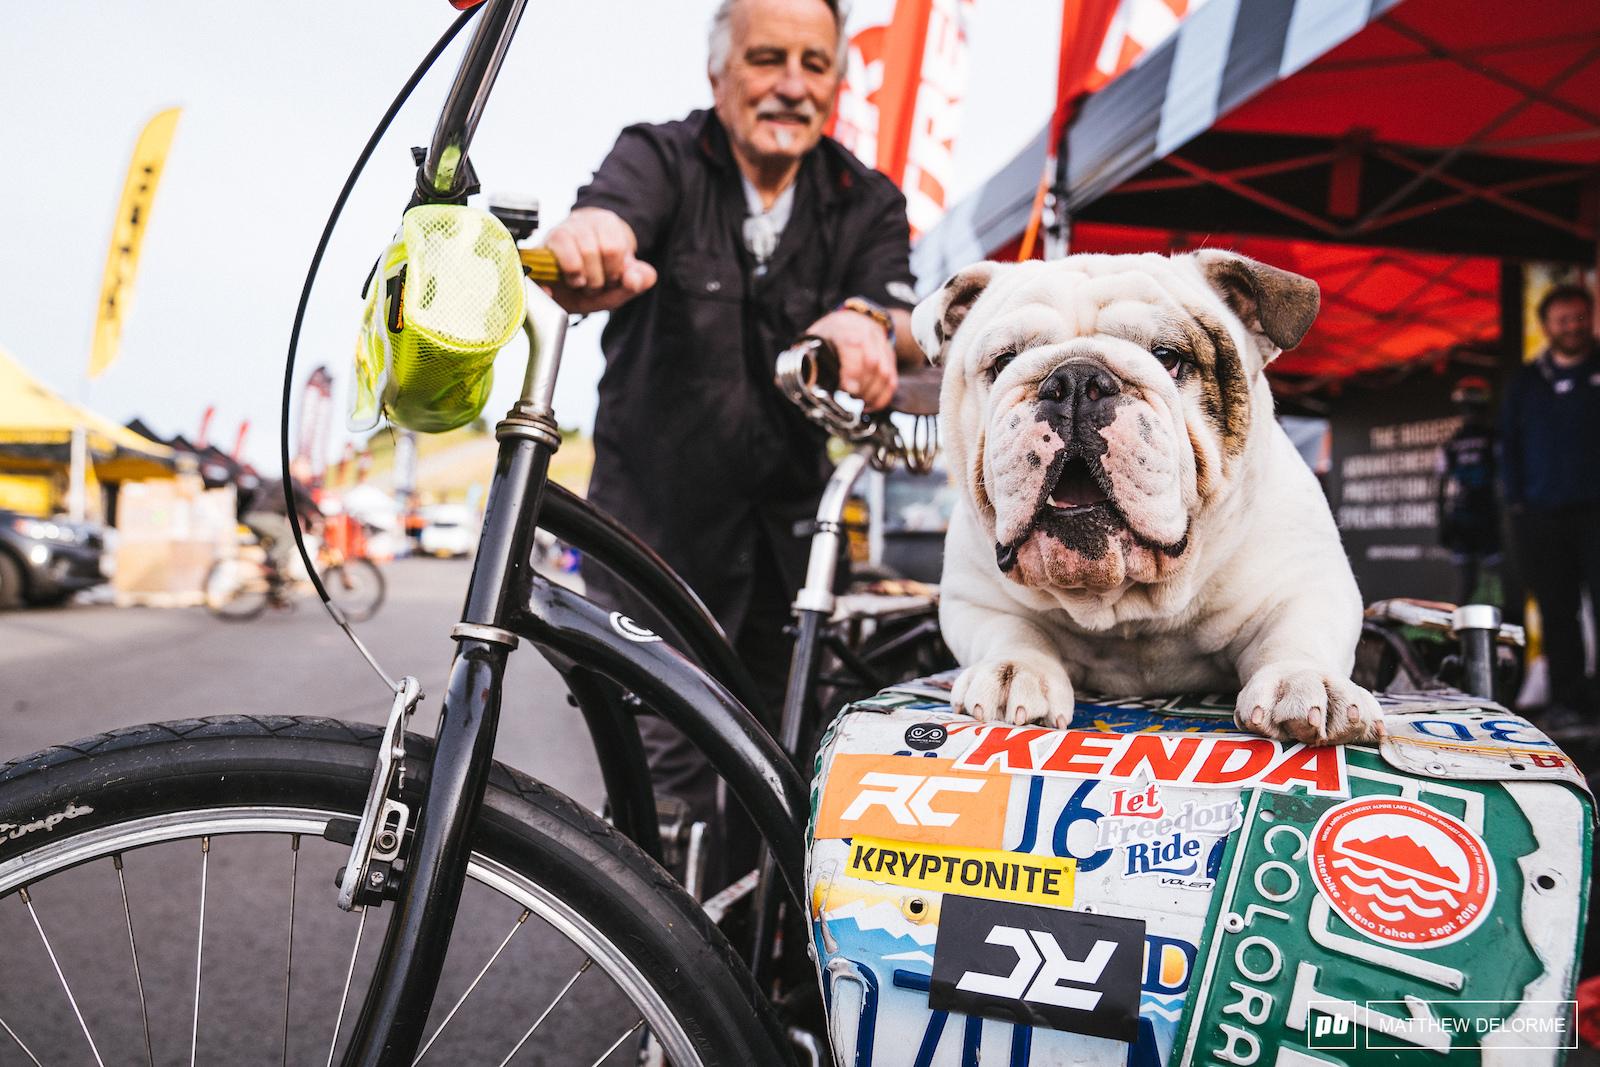 Meet Hank. Hank likes bikes.